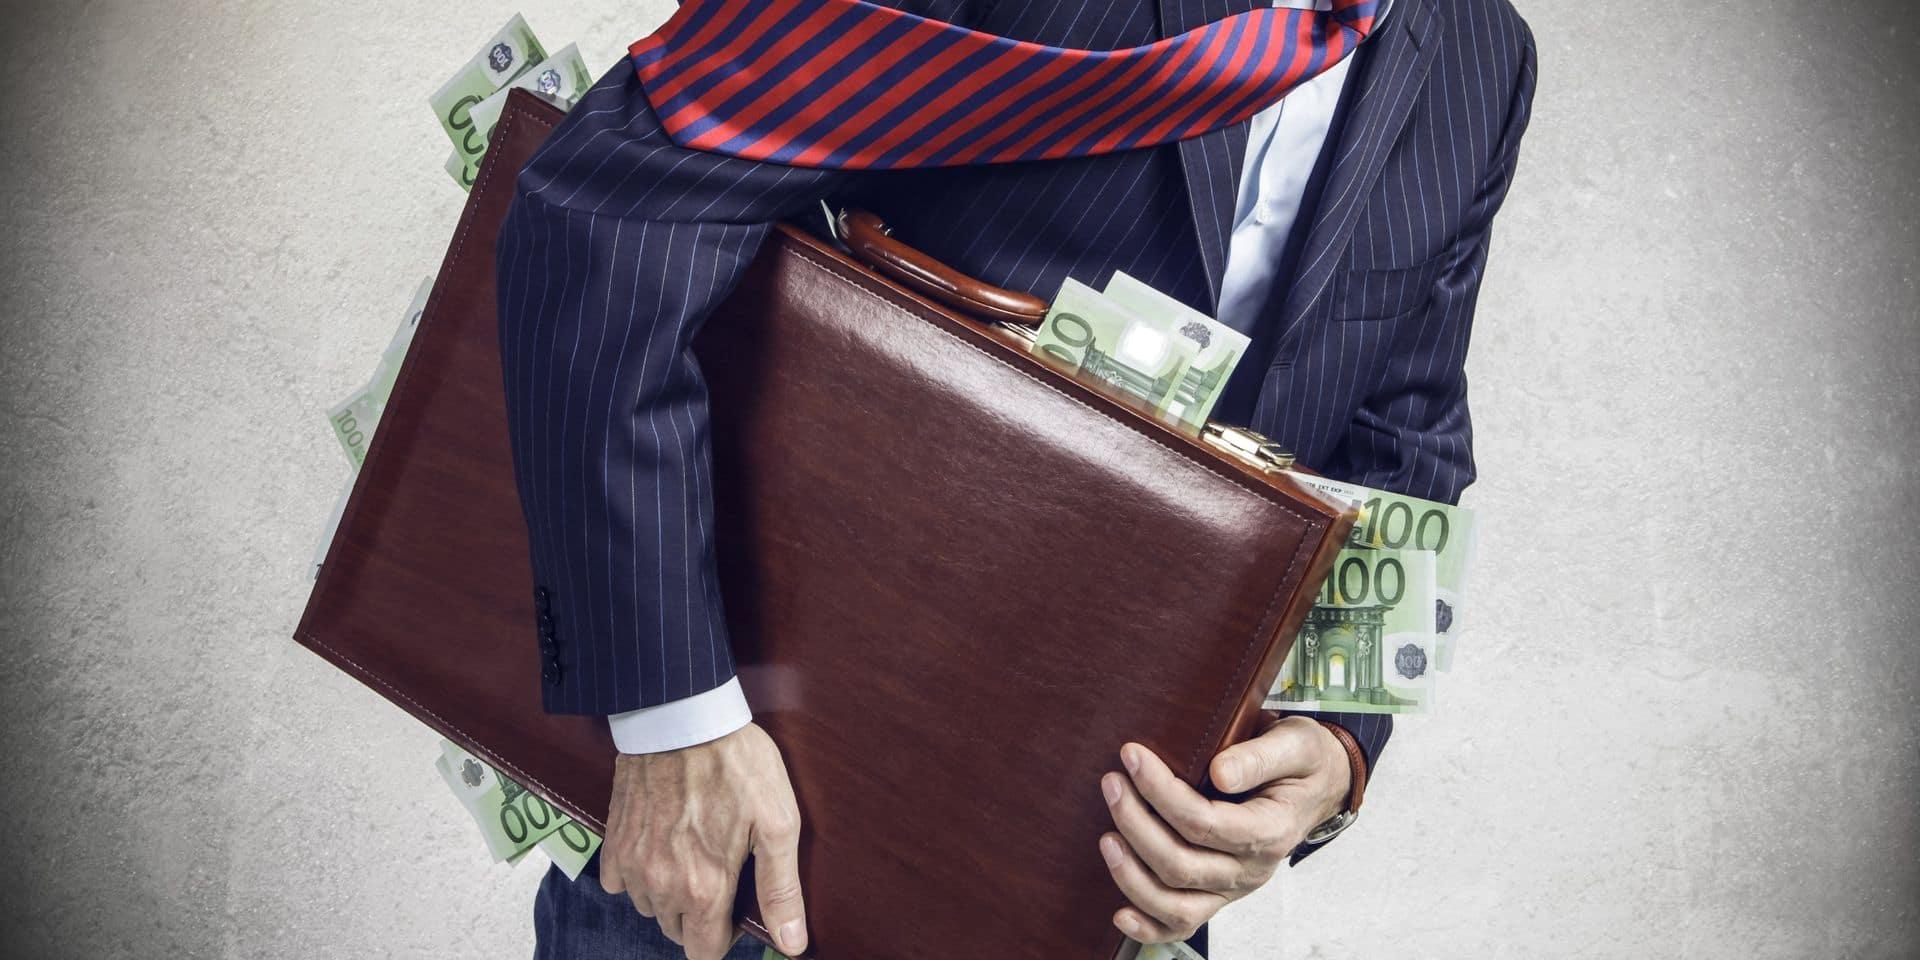 Cinq ans après les révélations, les Panama Papers ont déjà rapporté plus d'un milliard d'euros